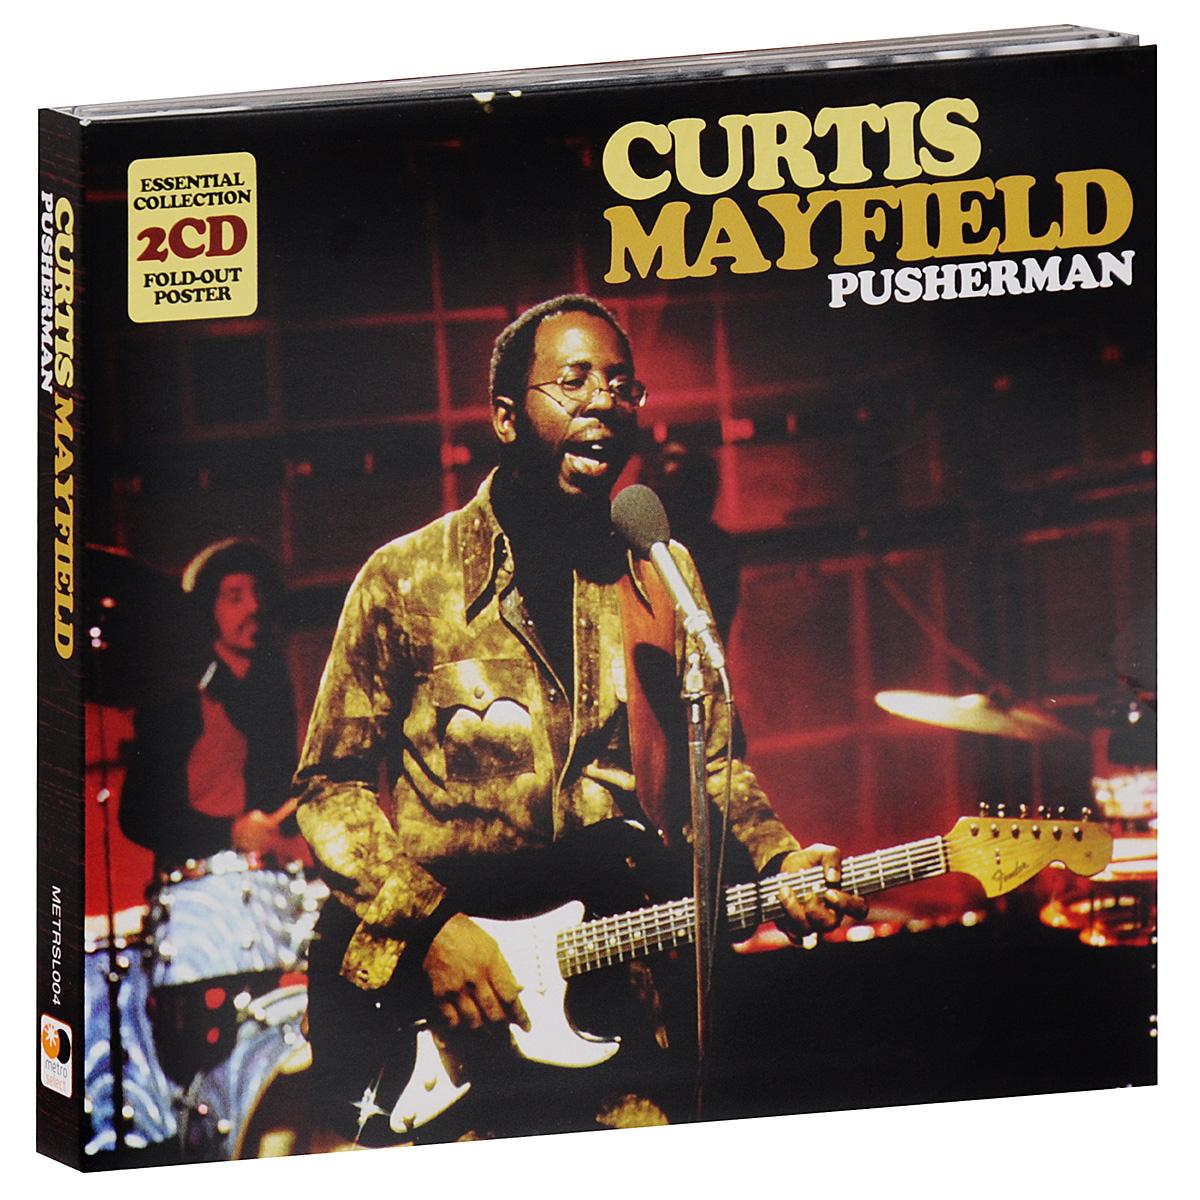 Кертис Мэйфилд Curtis Mayfield. Pusherman (2 CD) curtis mayfield curtis mayfield curtis